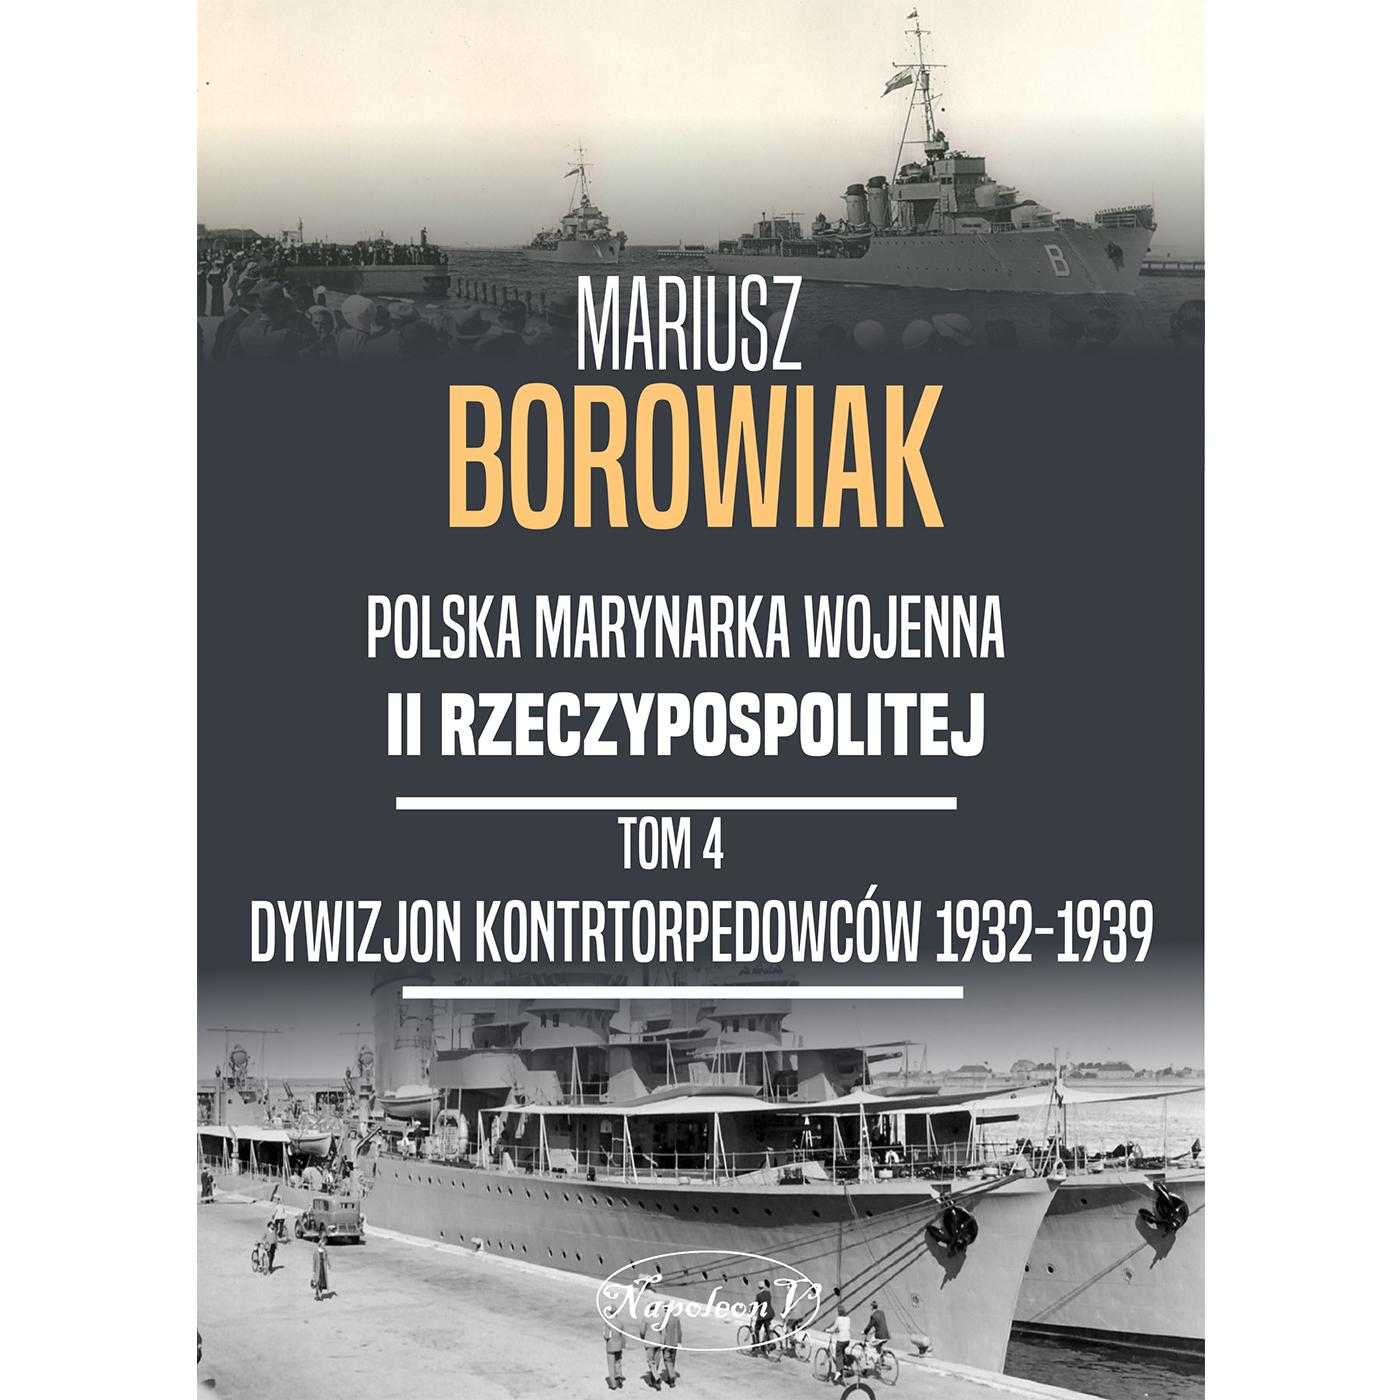 Dywizjon Kontrtorpedowców 1932-1939